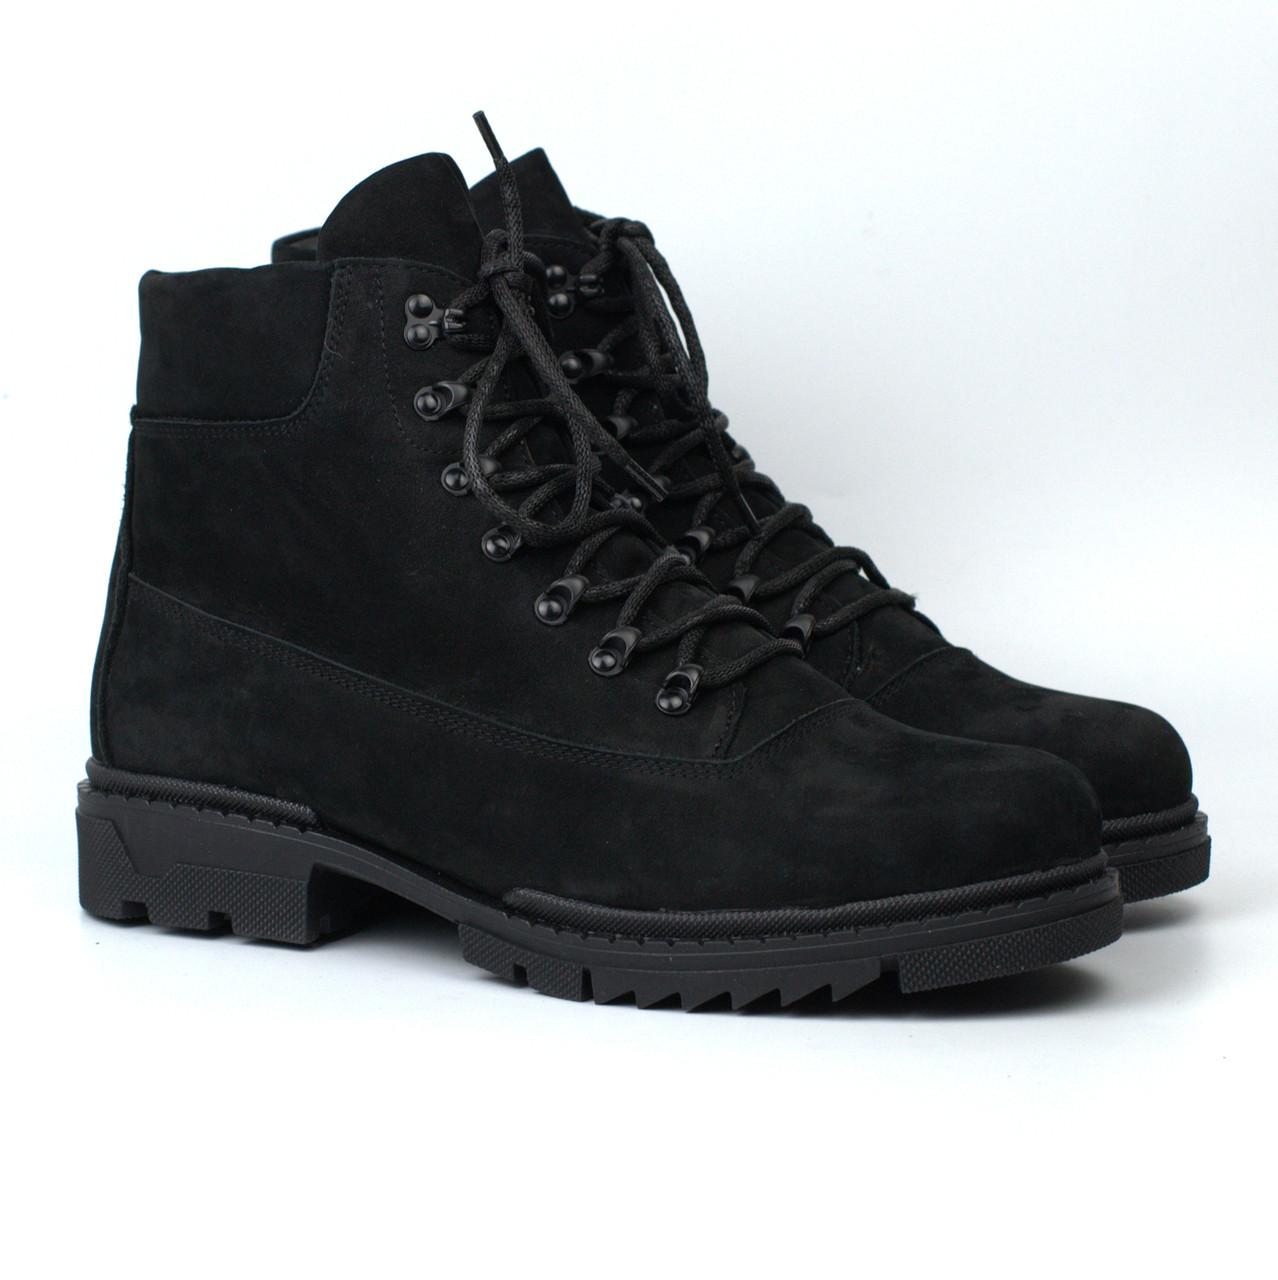 Мягкие ботинки мужские зимние нубук обувь на меху берцы Rosso Avangard Taiga Ultimate Black Nub